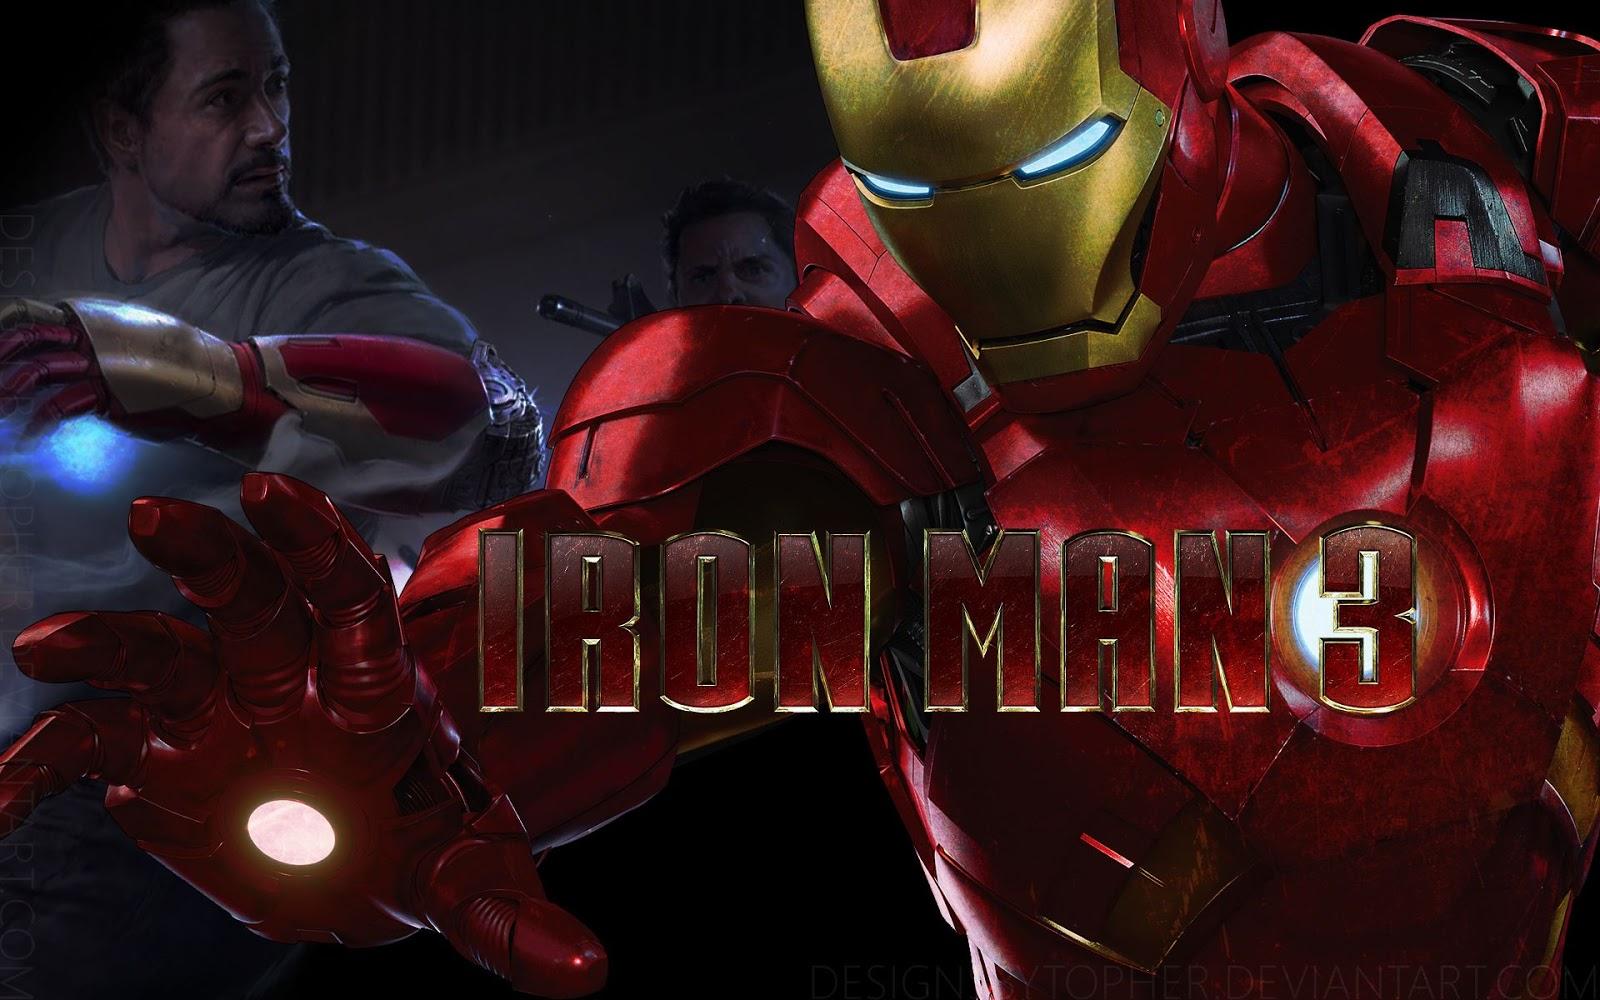 http://4.bp.blogspot.com/-jYID6xPN6rA/UMZ5yzJjdDI/AAAAAAAAQec/8SukGlc24CQ/s1600/Iron-Man-3.jpg